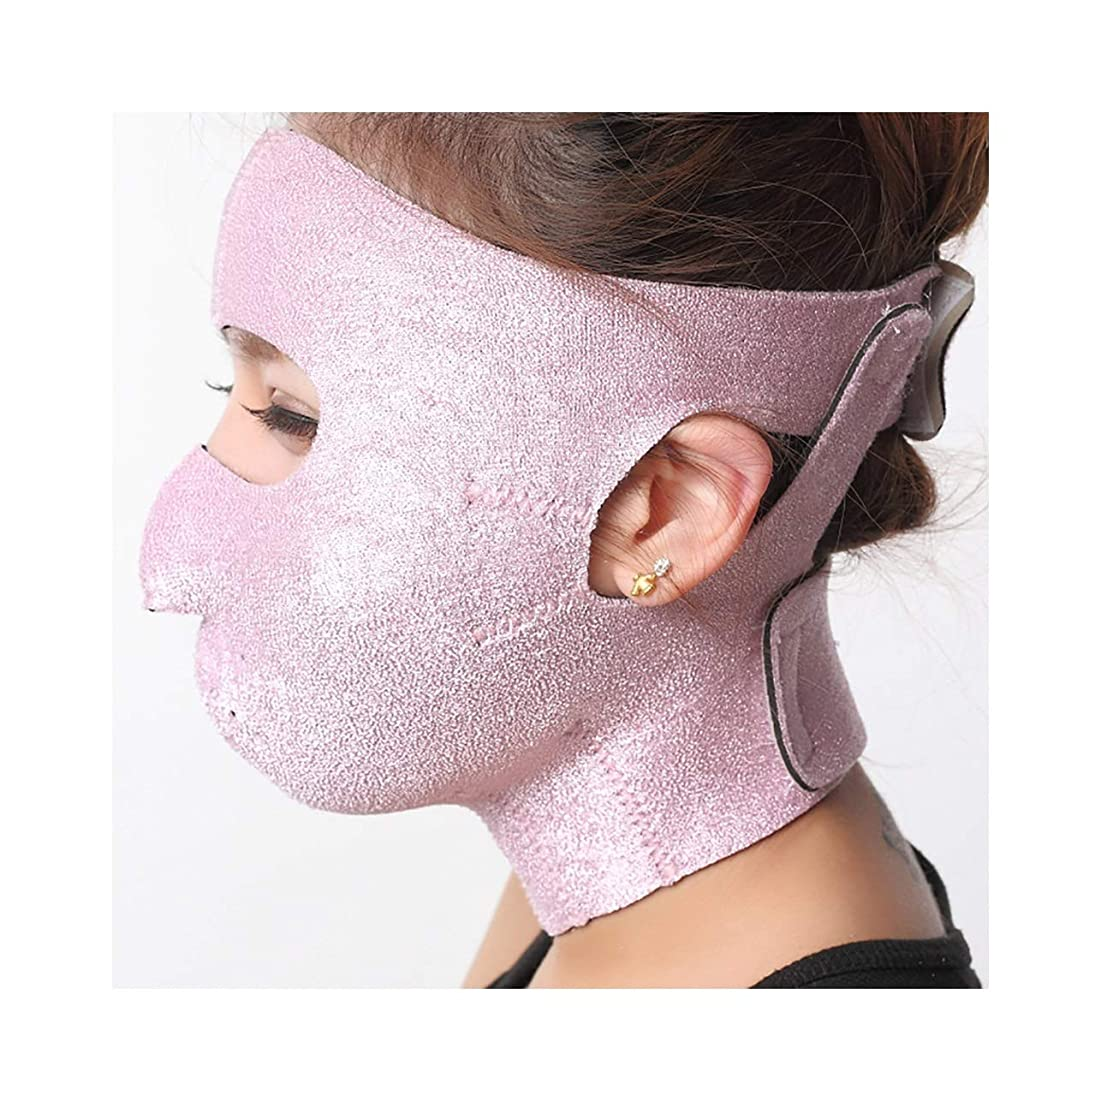 有罪ファイババーマドTLMY 引き締めマスク小さなVフェイスアーティファクト睡眠薄いフェイス包帯マスクと引き締めマスク引き締めクリームフェイスリフトフェイスメロン 顔用整形マスク